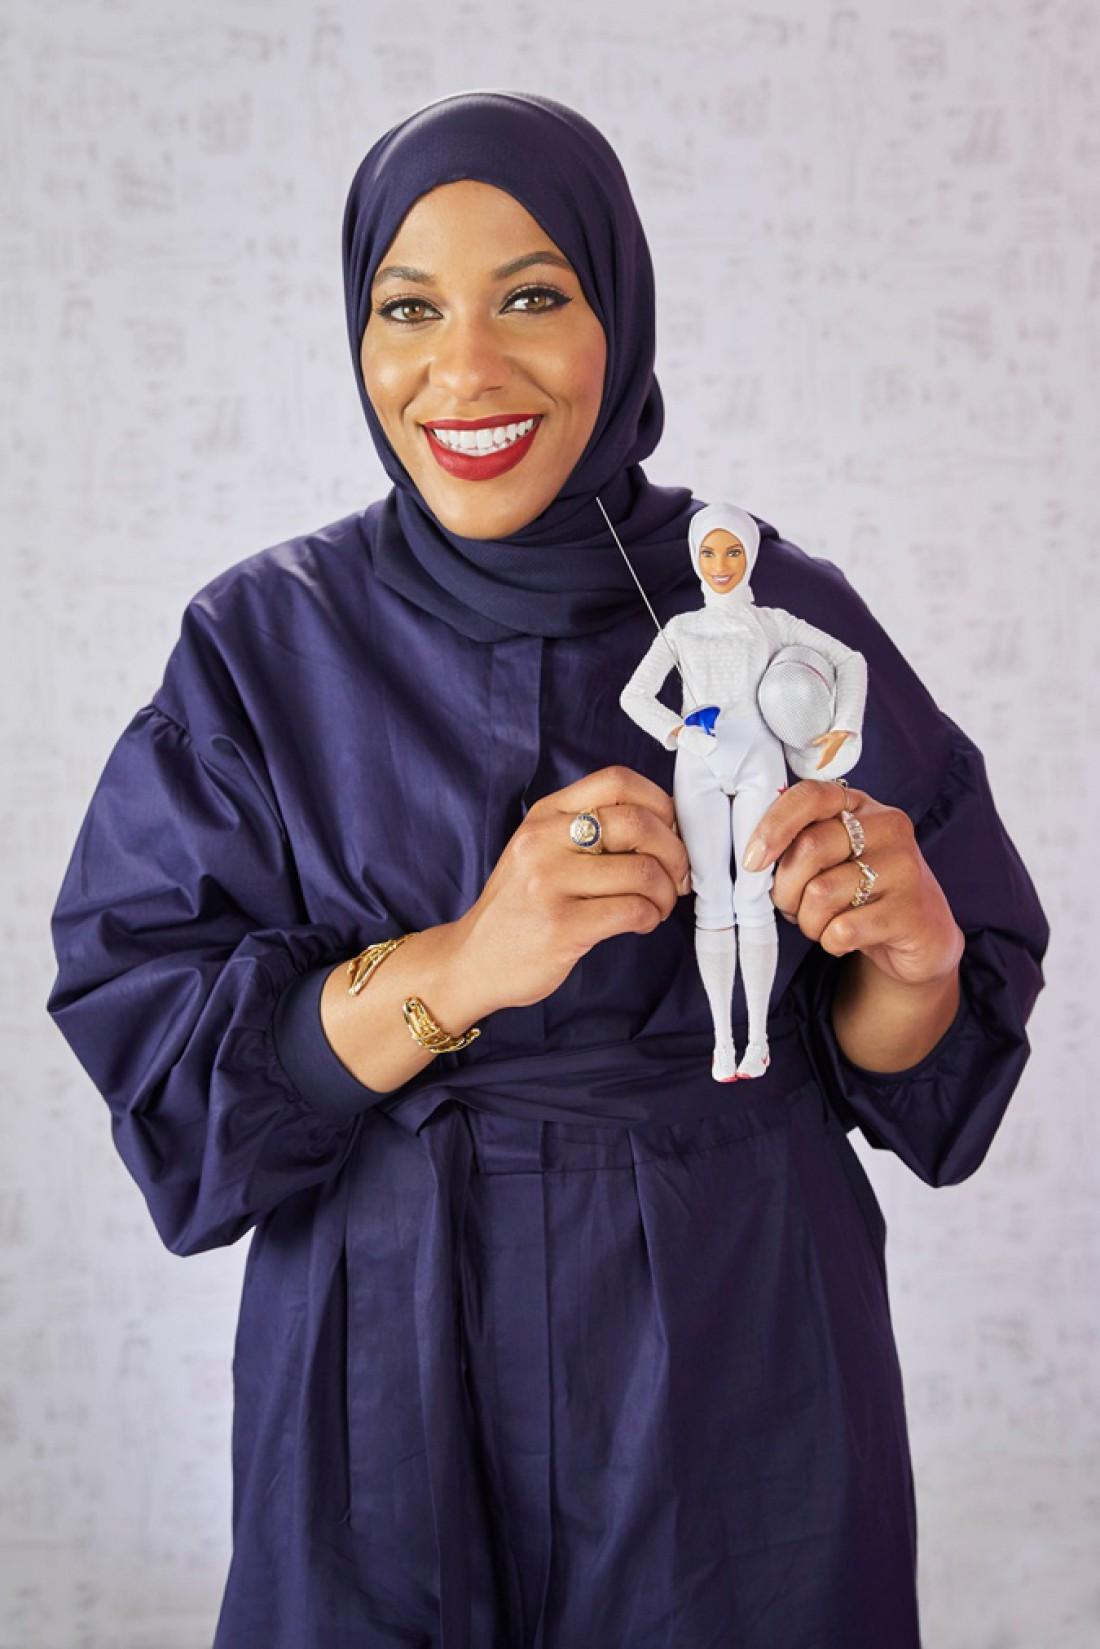 Американская фехтовальщица-саблистка Ибтихадж Мухаммад